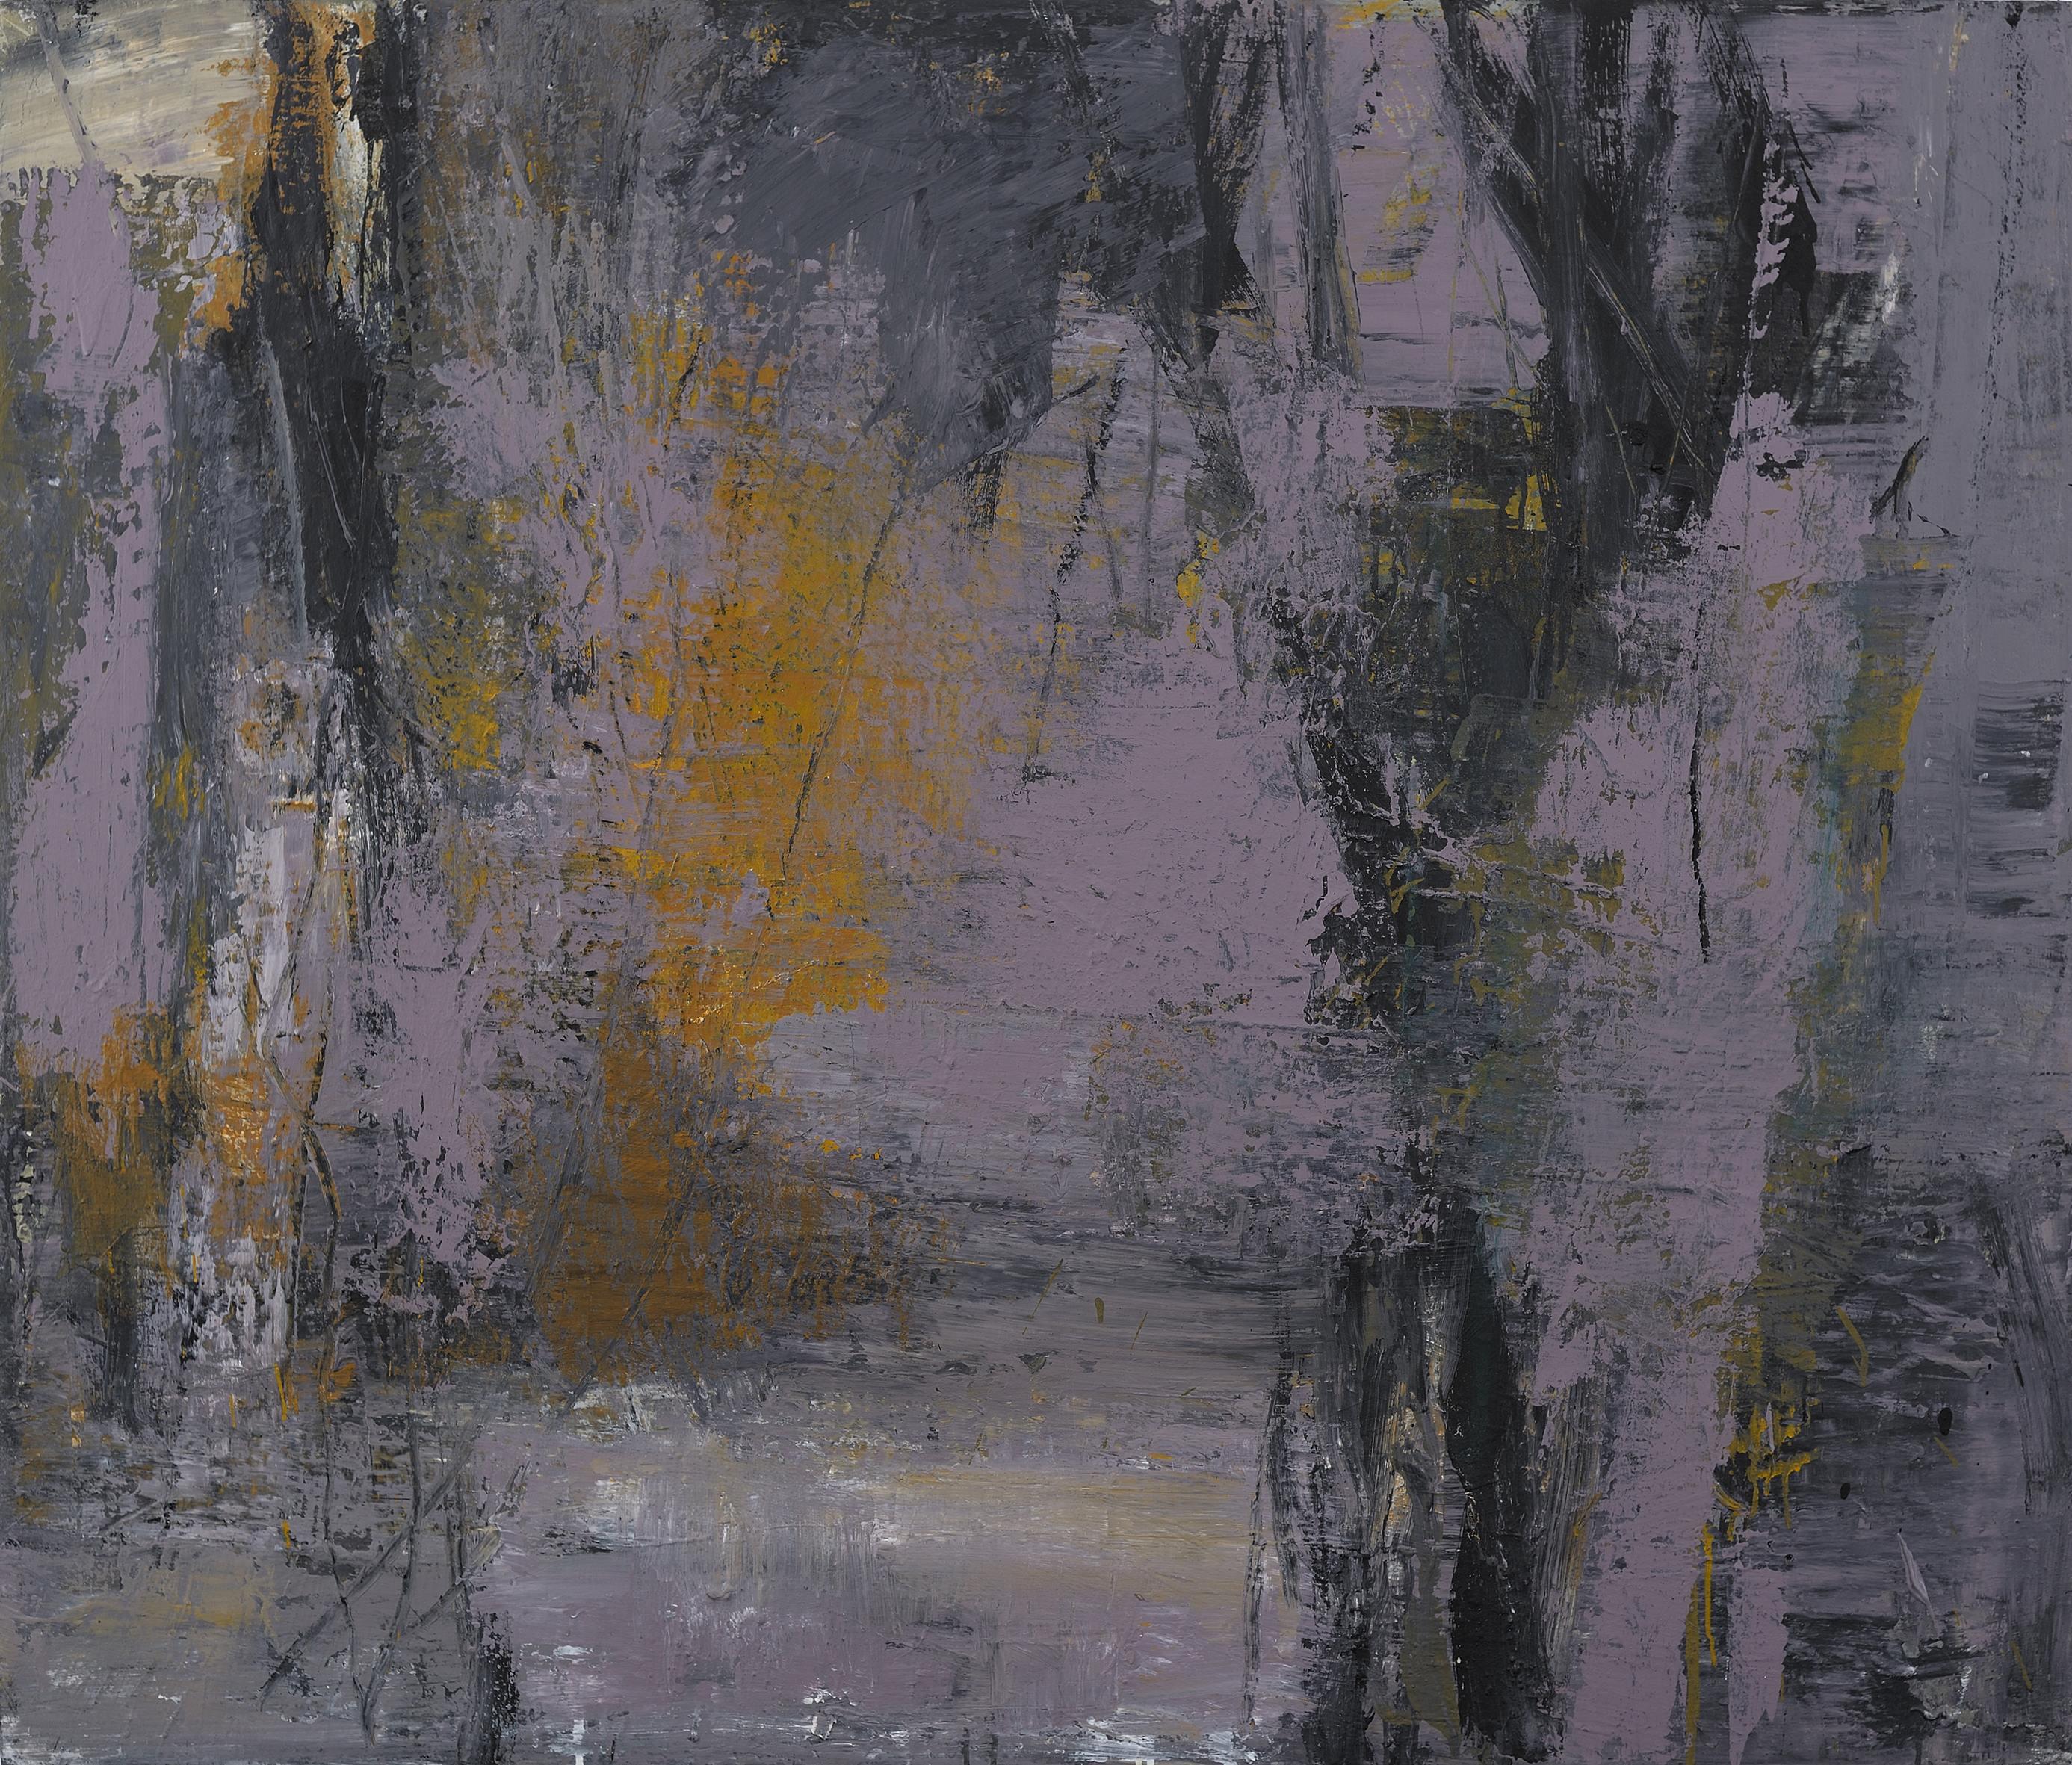 Youssef Titou, Sans titre, 2012. Technique mixte sur toile. Courtesy de la Galerie Shert